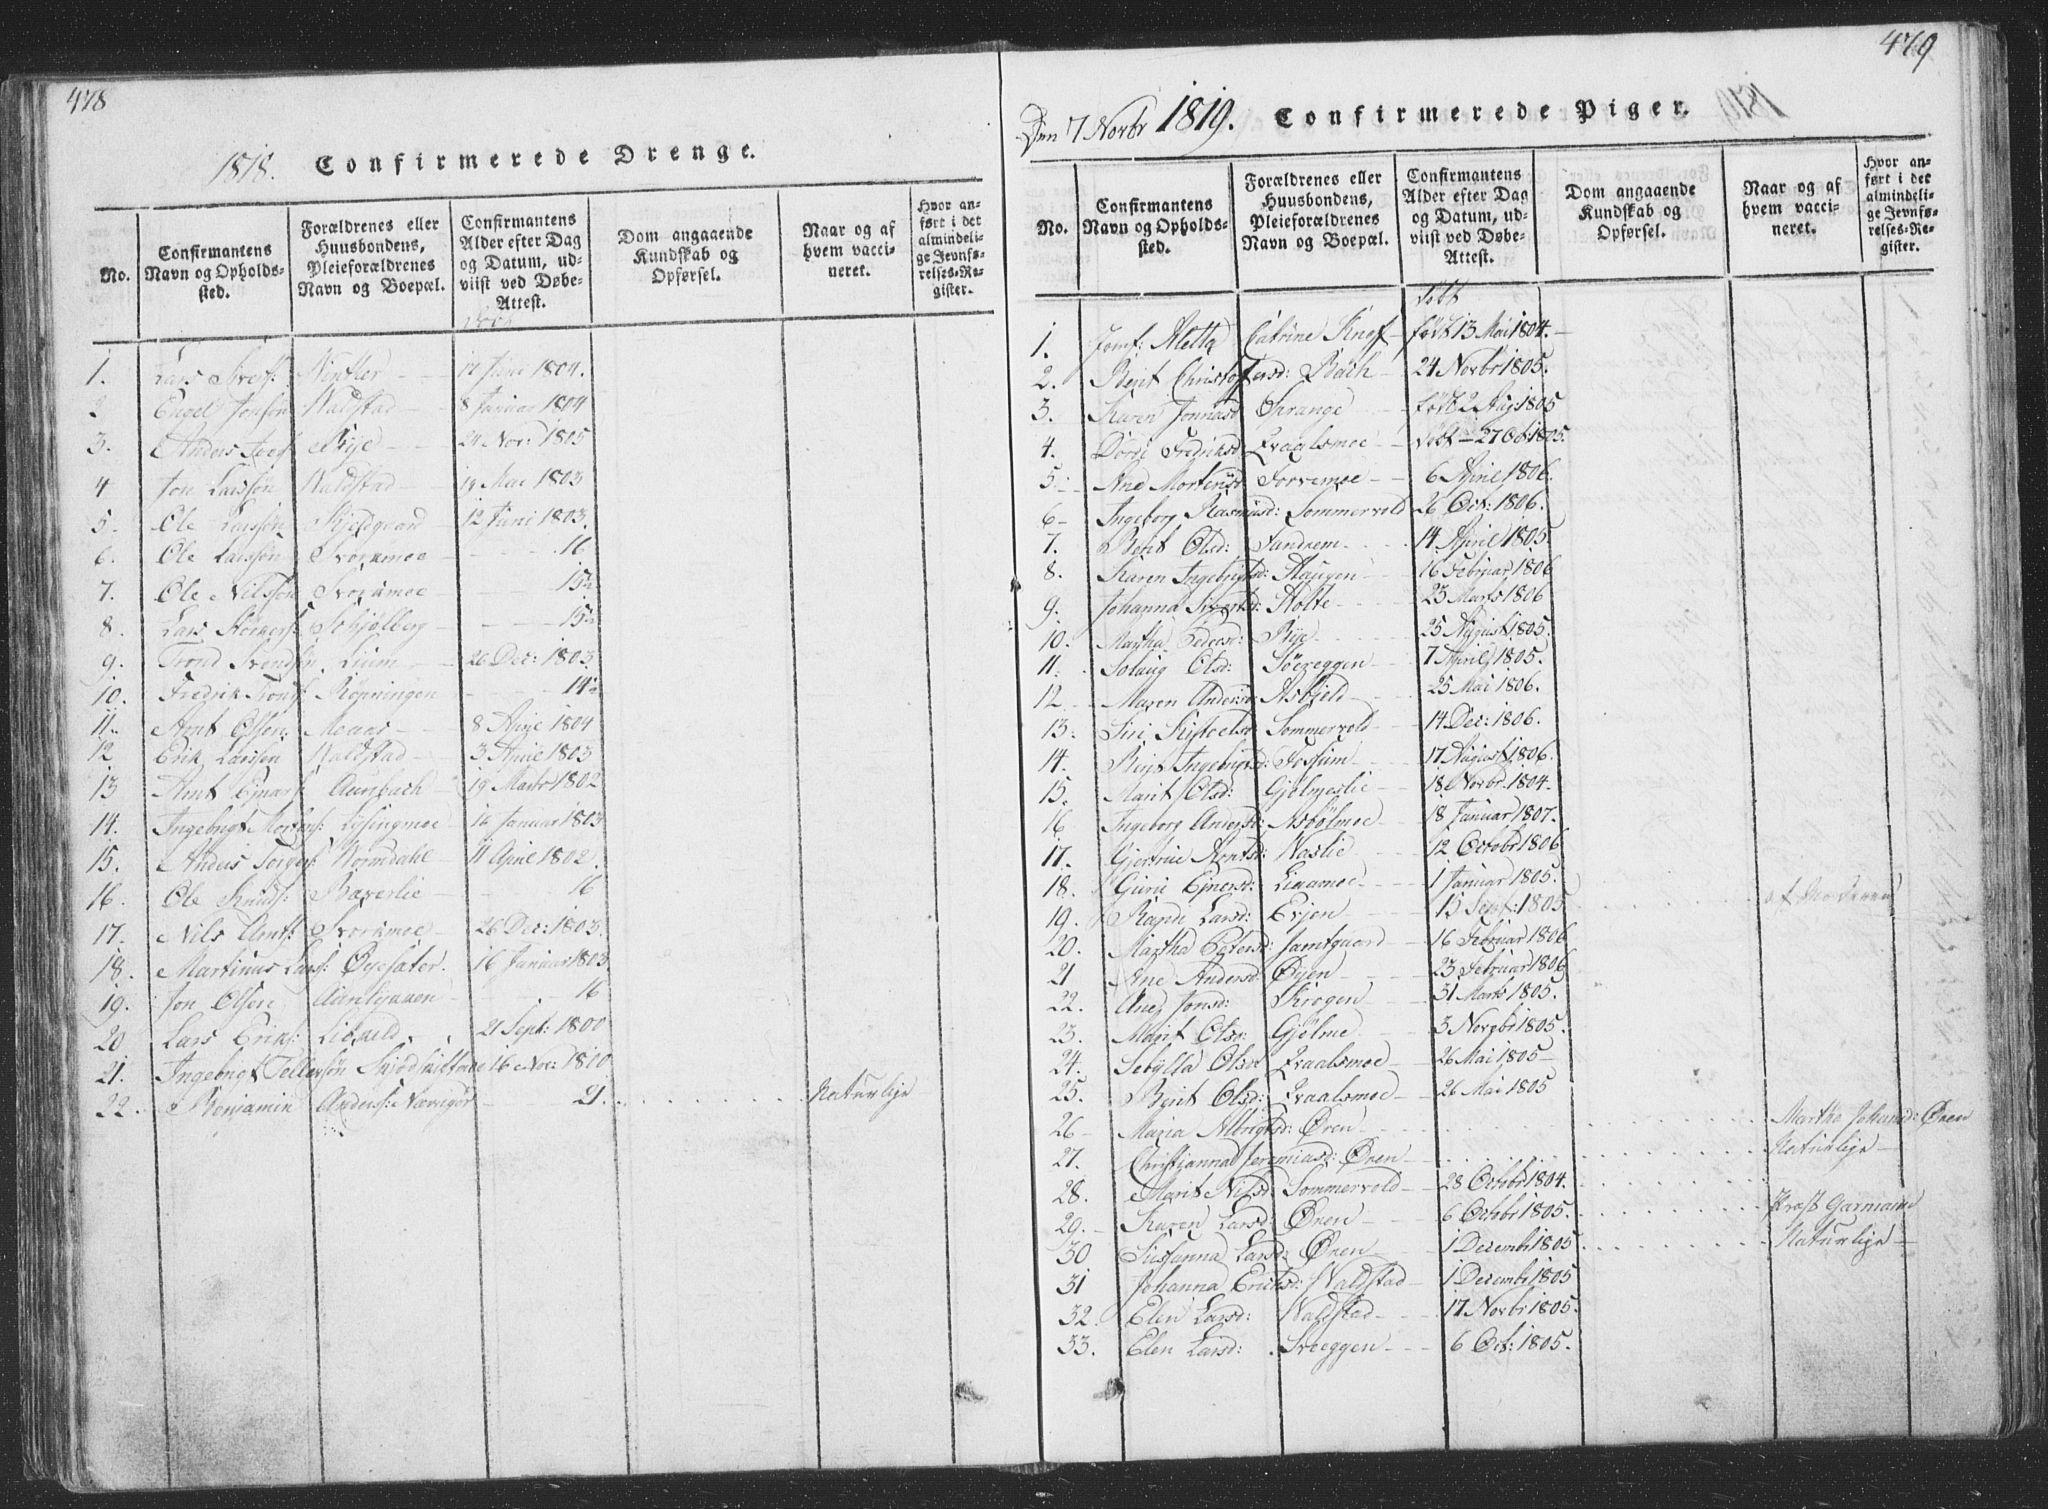 SAT, Ministerialprotokoller, klokkerbøker og fødselsregistre - Sør-Trøndelag, 668/L0816: Klokkerbok nr. 668C05, 1816-1893, s. 478-479